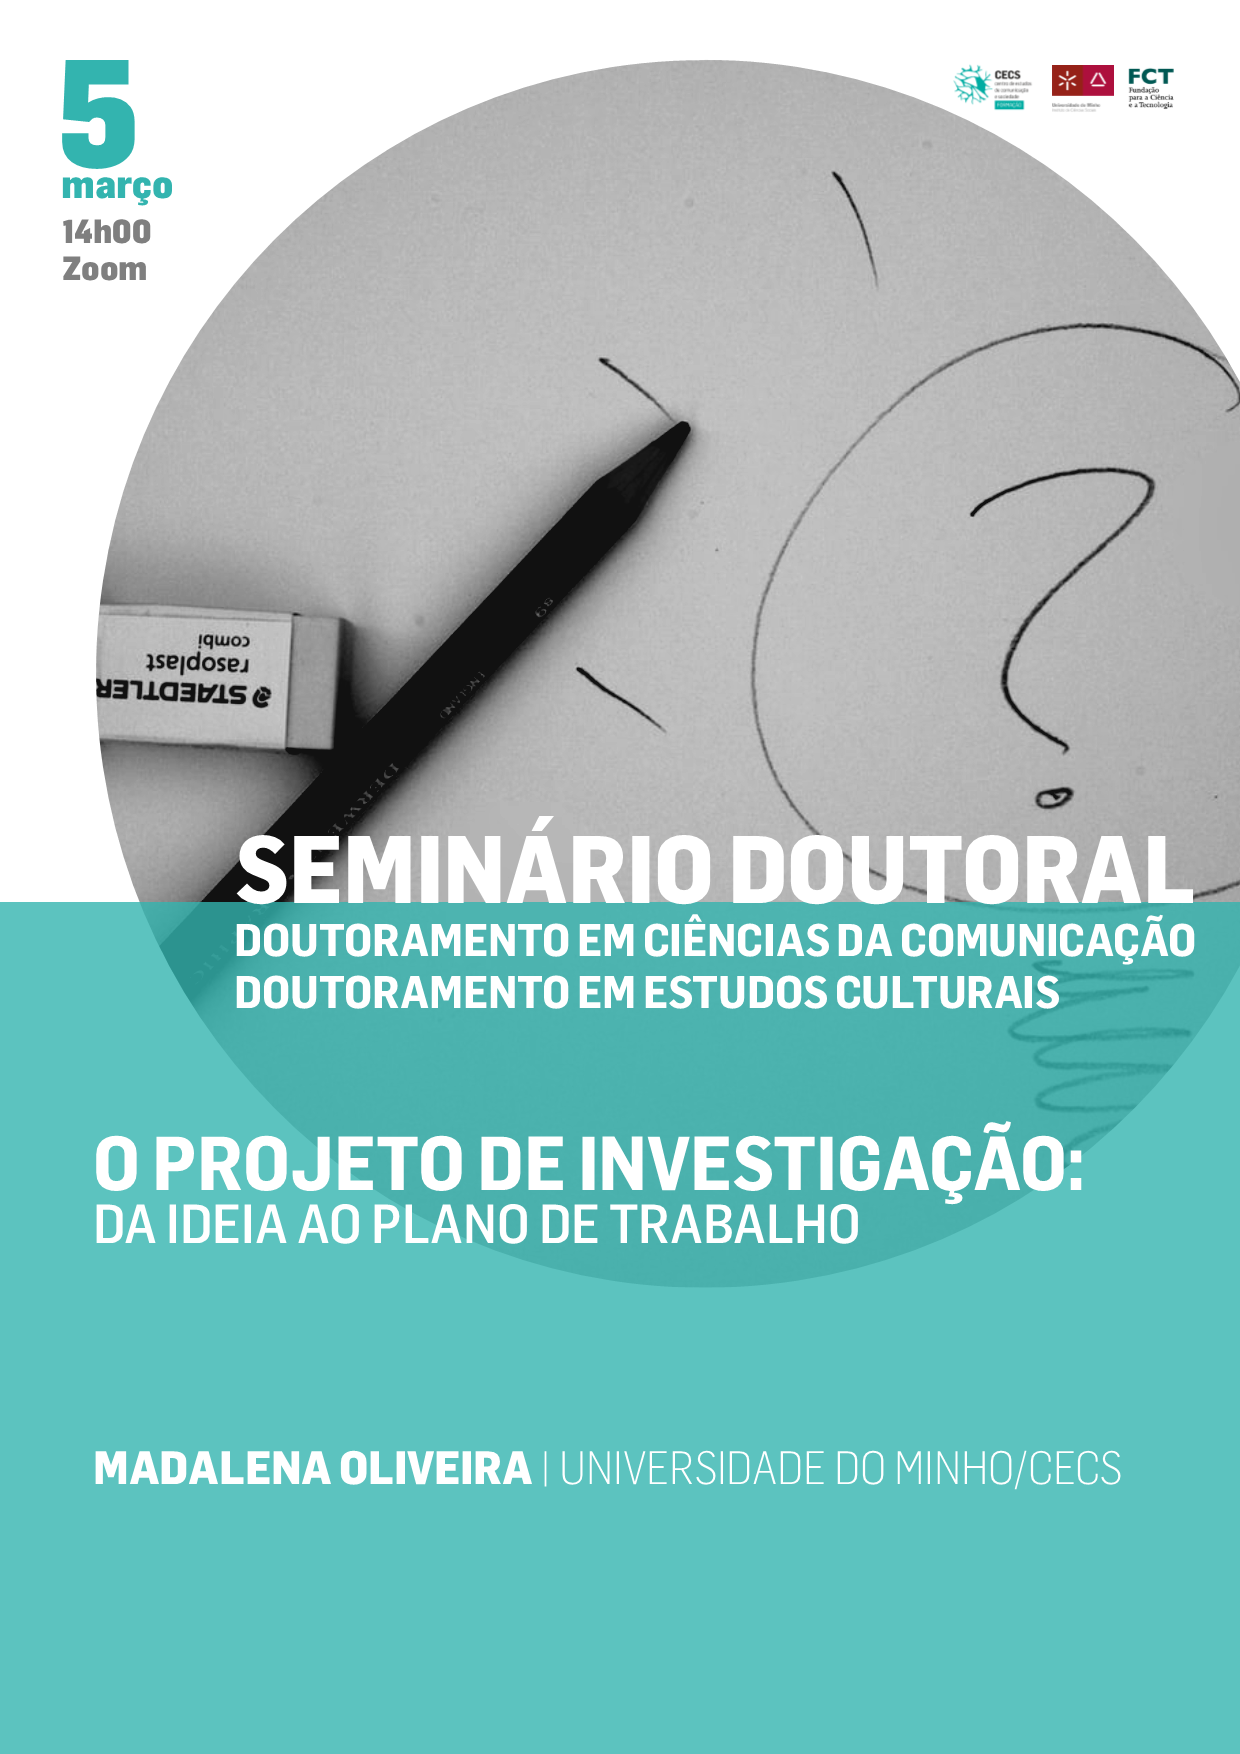 """Seminário doutoral """"O projeto de investigação: da ideia ao plano de trabalho"""""""